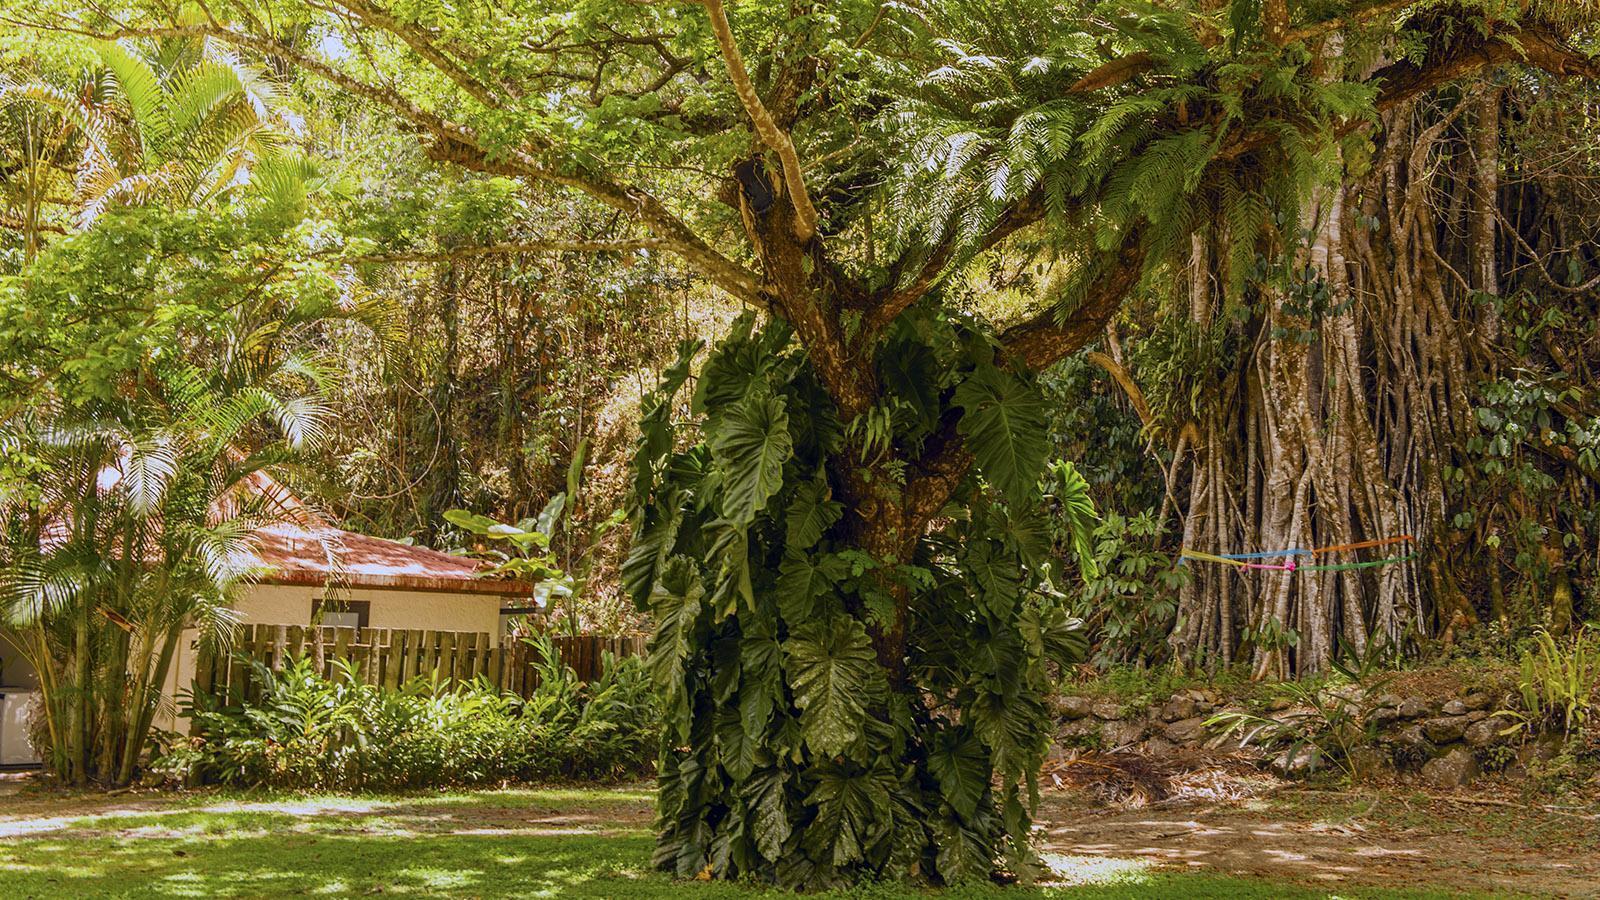 Wilder Westen: Das tropische Grün erobert rund um Sarraméa auch Haus und Hof. Foto: Hilke Maunder